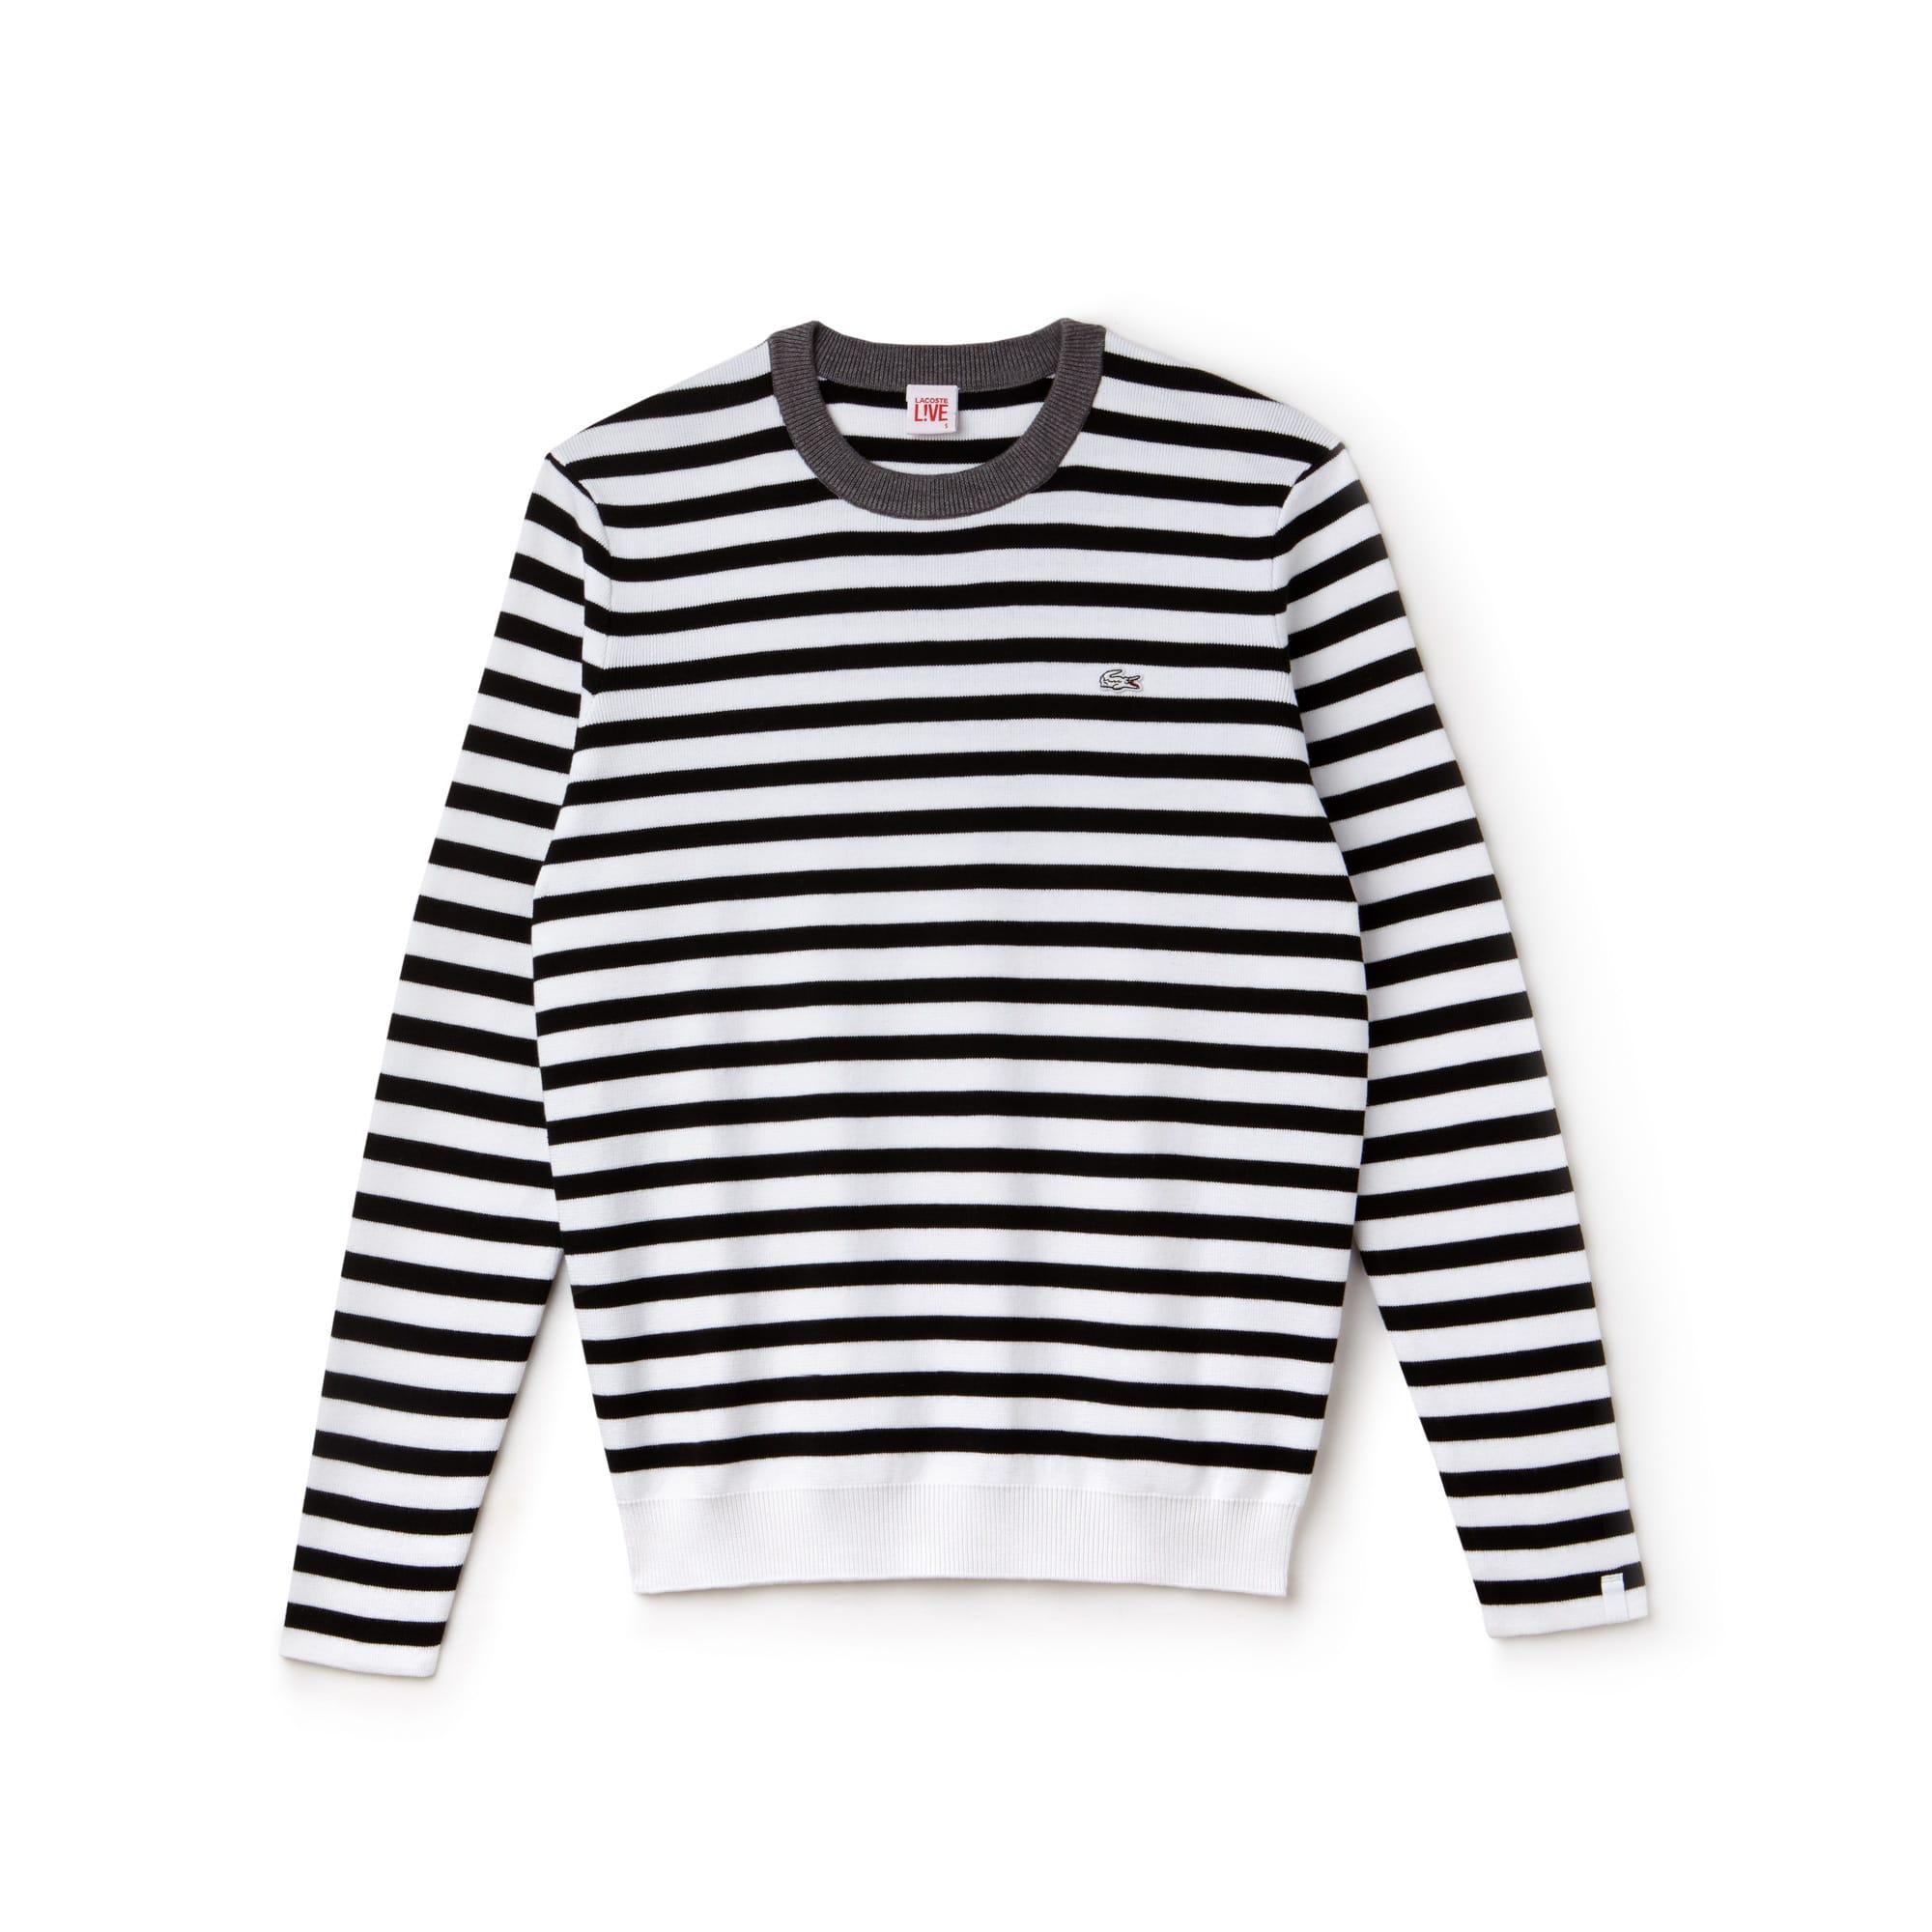 Lacoste LIVE-sweater dames gestreept katoenjersey met ronde hals